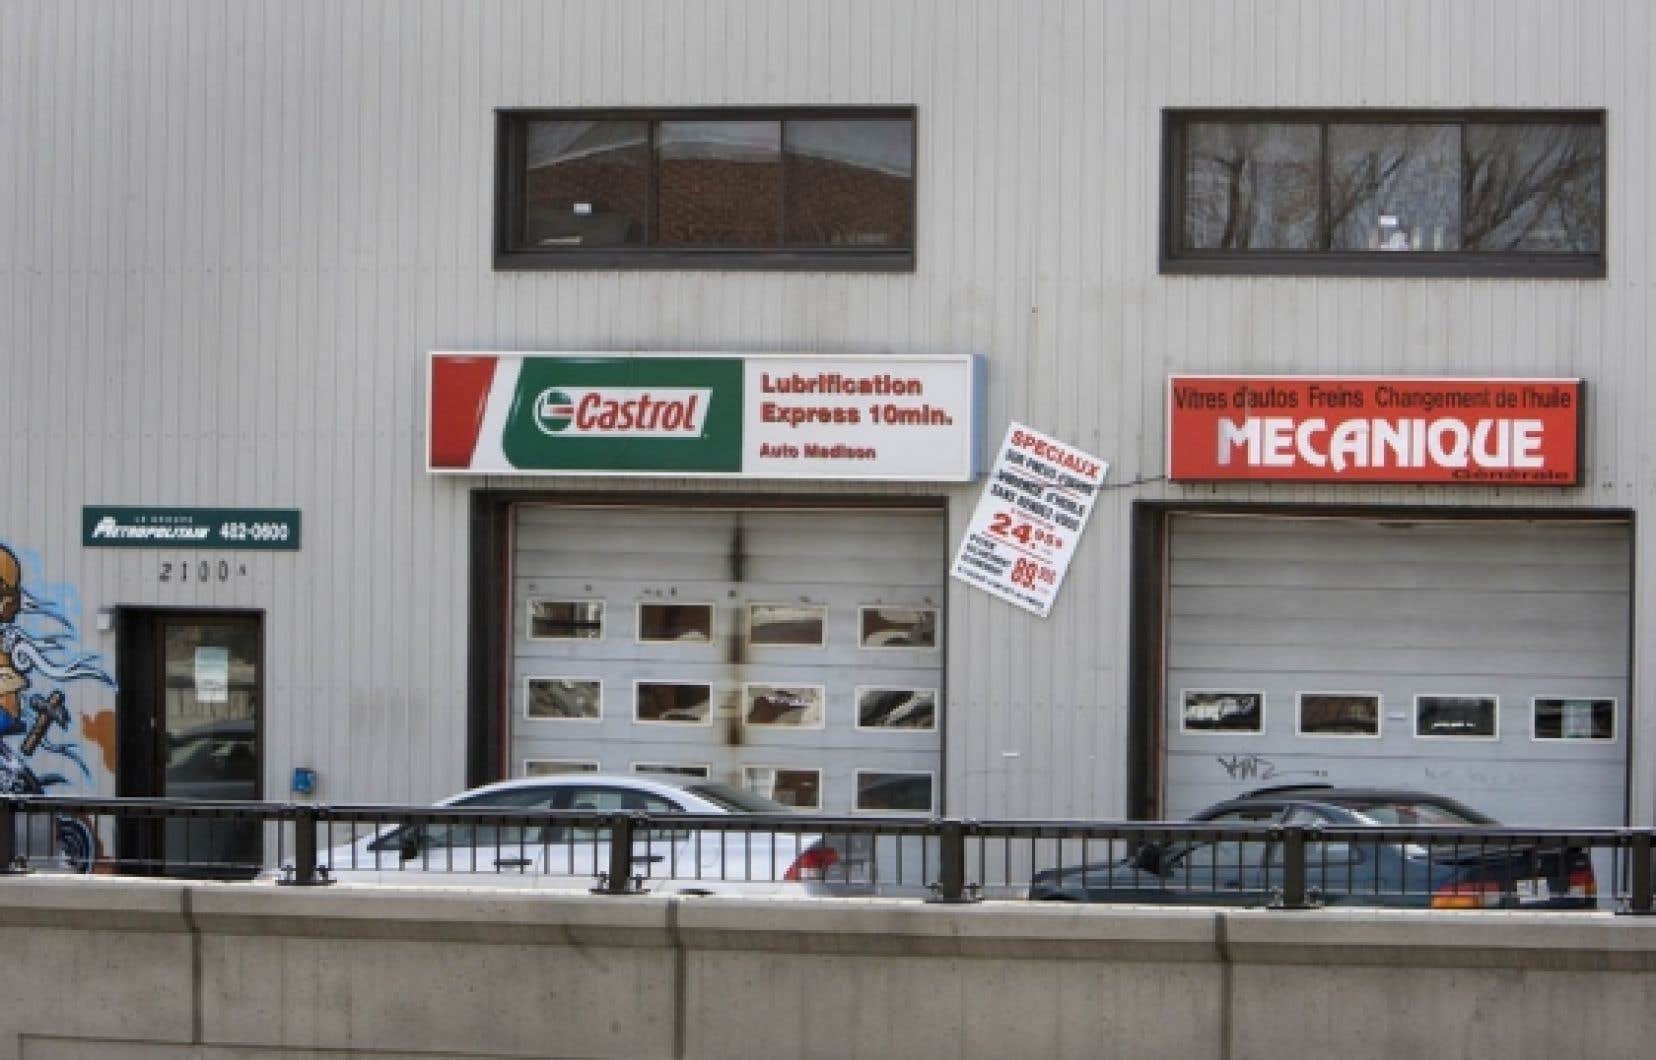 Le Centre d'éducation alternative Interact, situé au-dessus d'un garage sur la rue Girouard, dans Notre-Dame-de-Grâce à Montréal, donne des cours à huit enfants dans la clandestinité. Le ministère de l'Éducation avait pourtant révoqué le permis de cette institution en 2009.